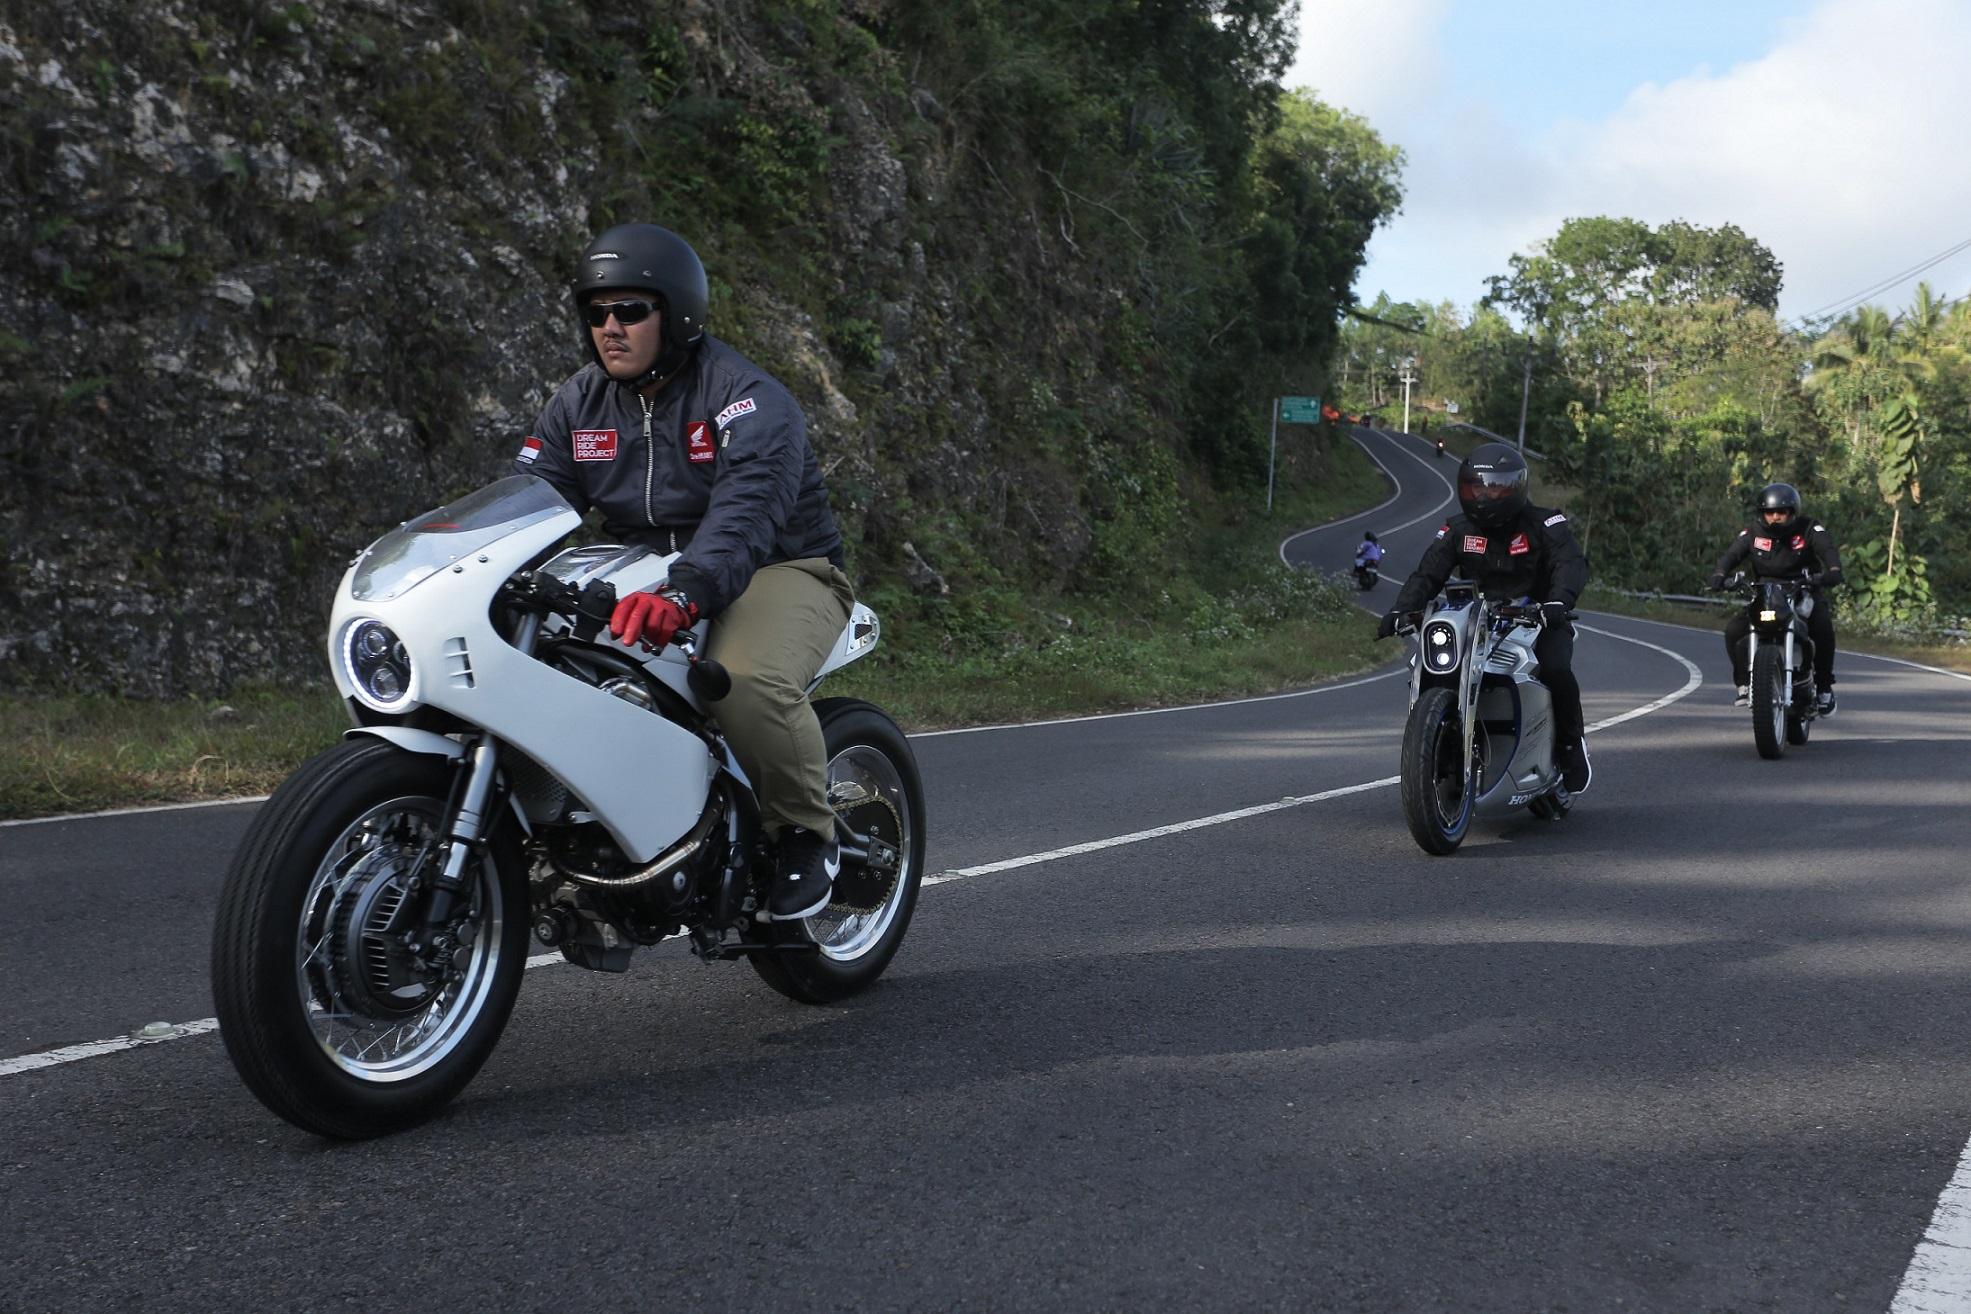 Cakep Dan Pangling Lihat Wujud CBR250RR Karya Honda Dream Ride